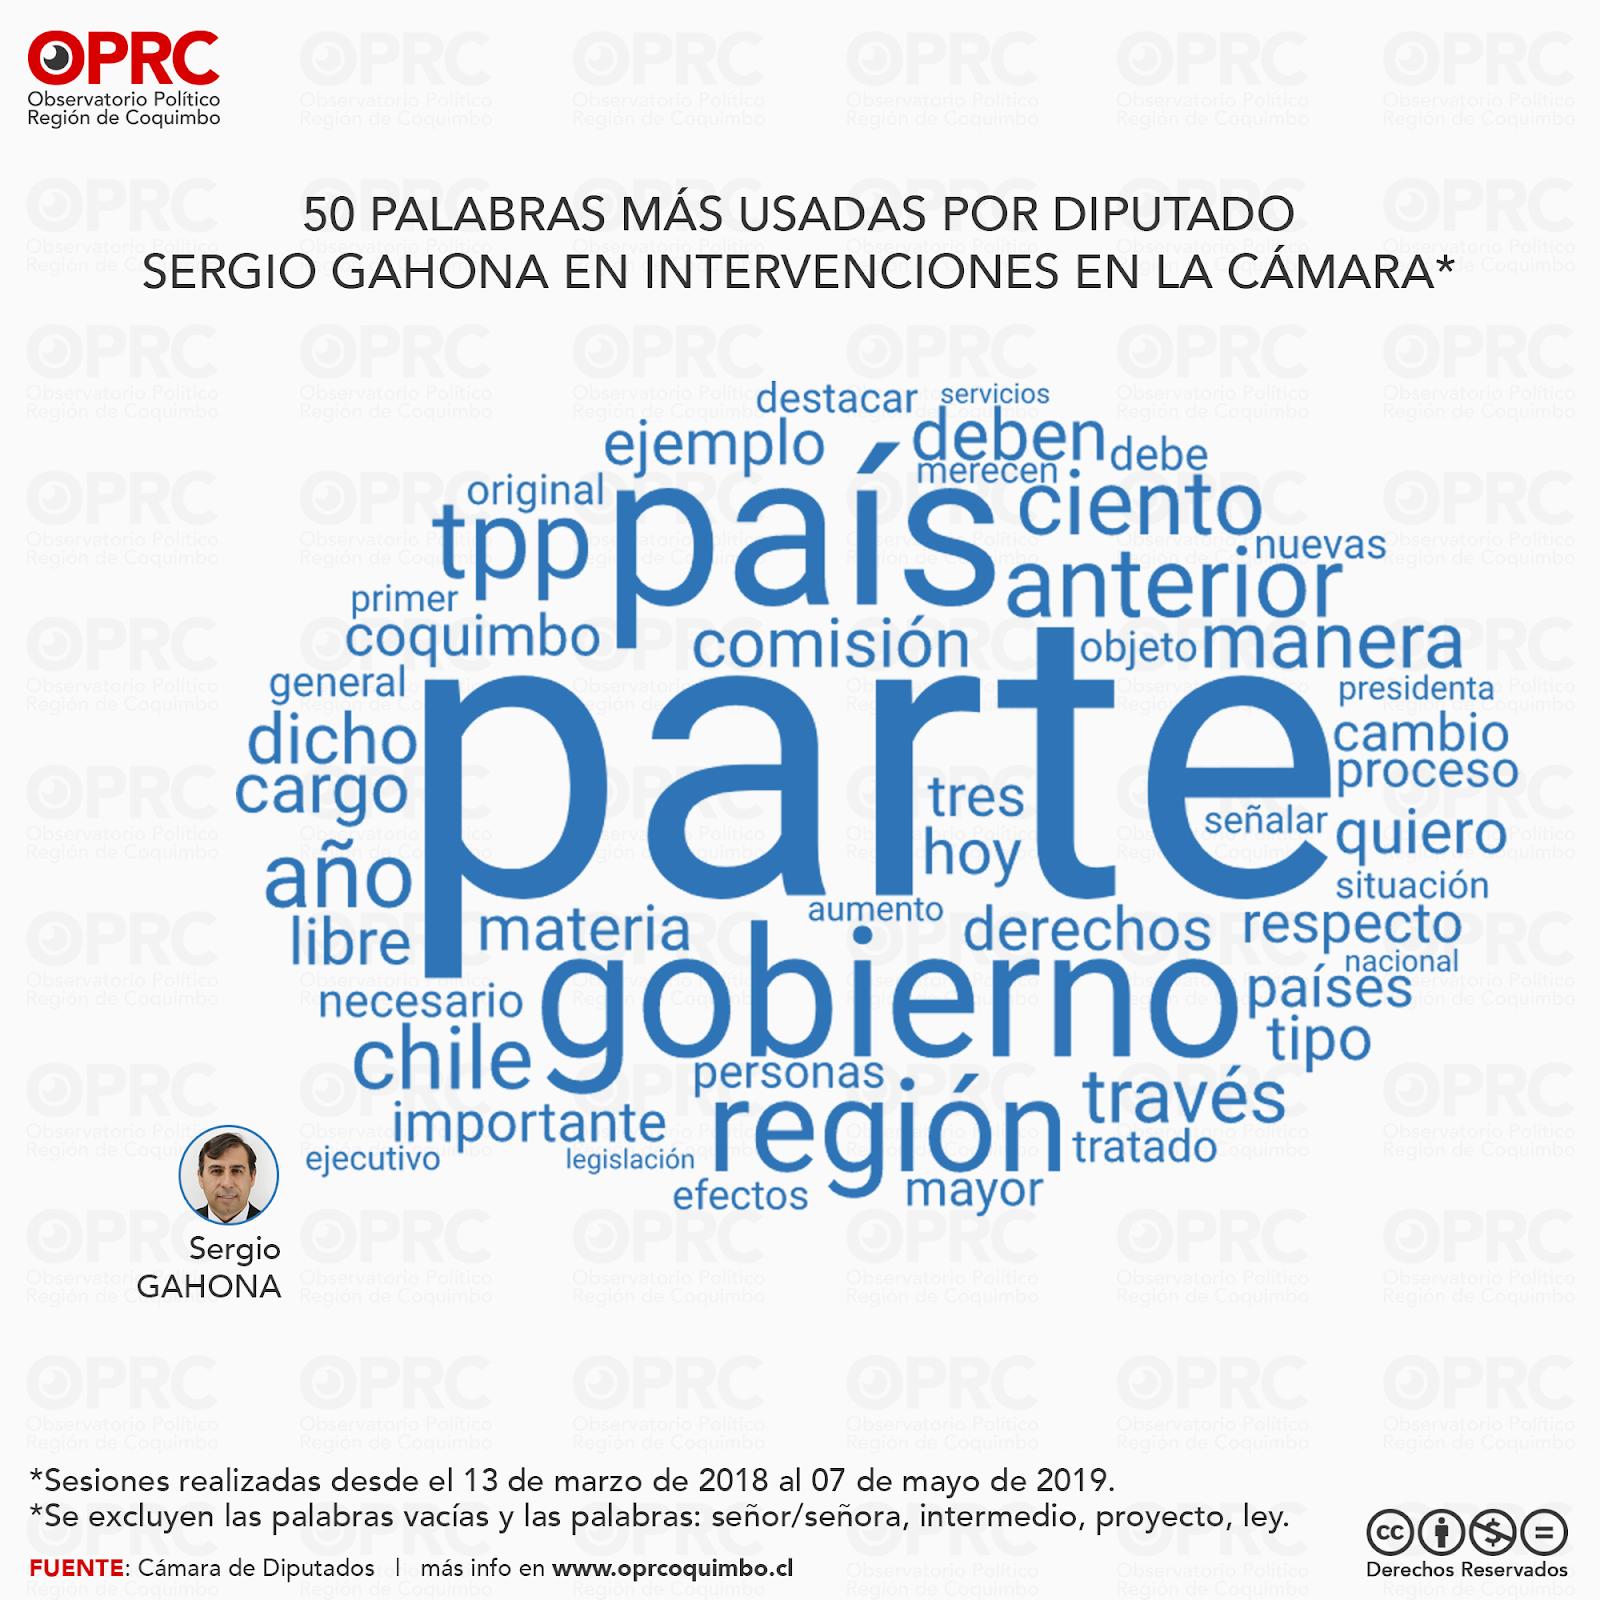 Palabras más usadas por Diputado Sergio Gahona en intervenciones en Sala